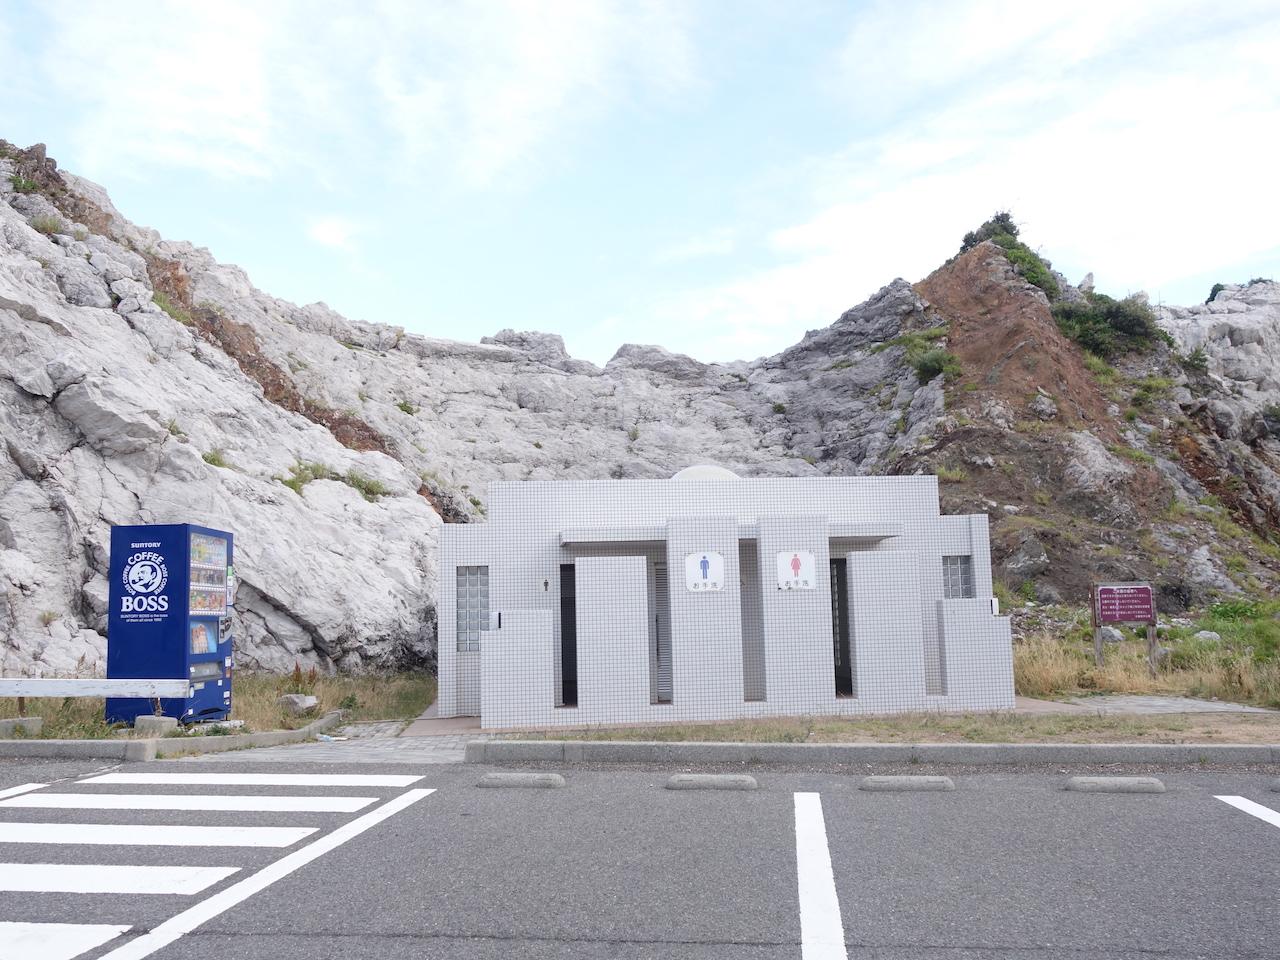 和歌山県由良町の道の駅「白崎海浜公園」がめちゃくちゃ景色いい!